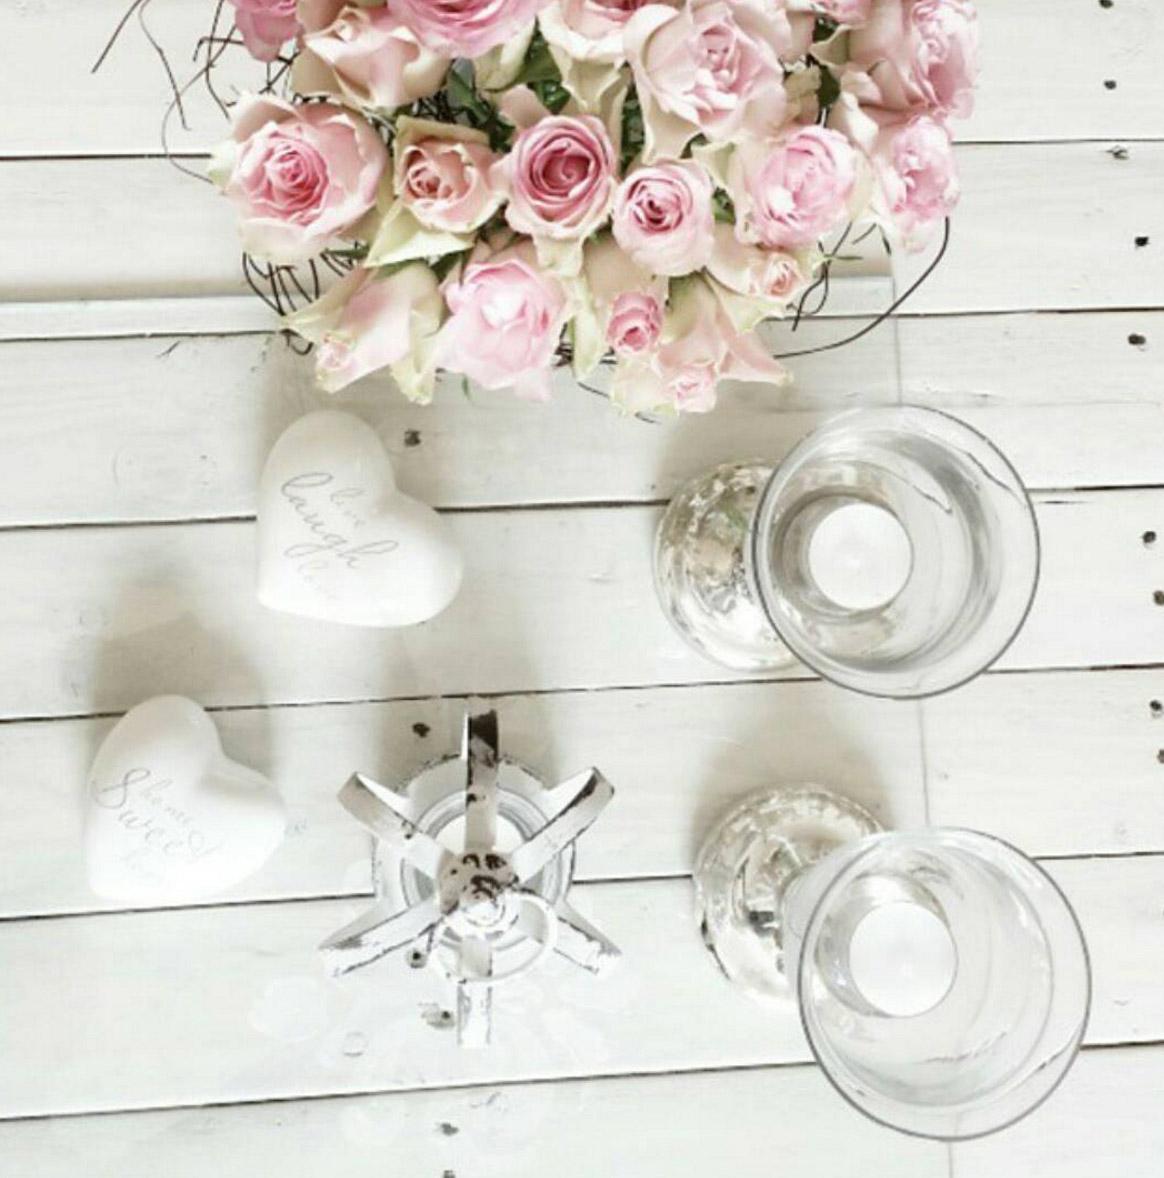 rosa-rosen-deko-shabby-blog